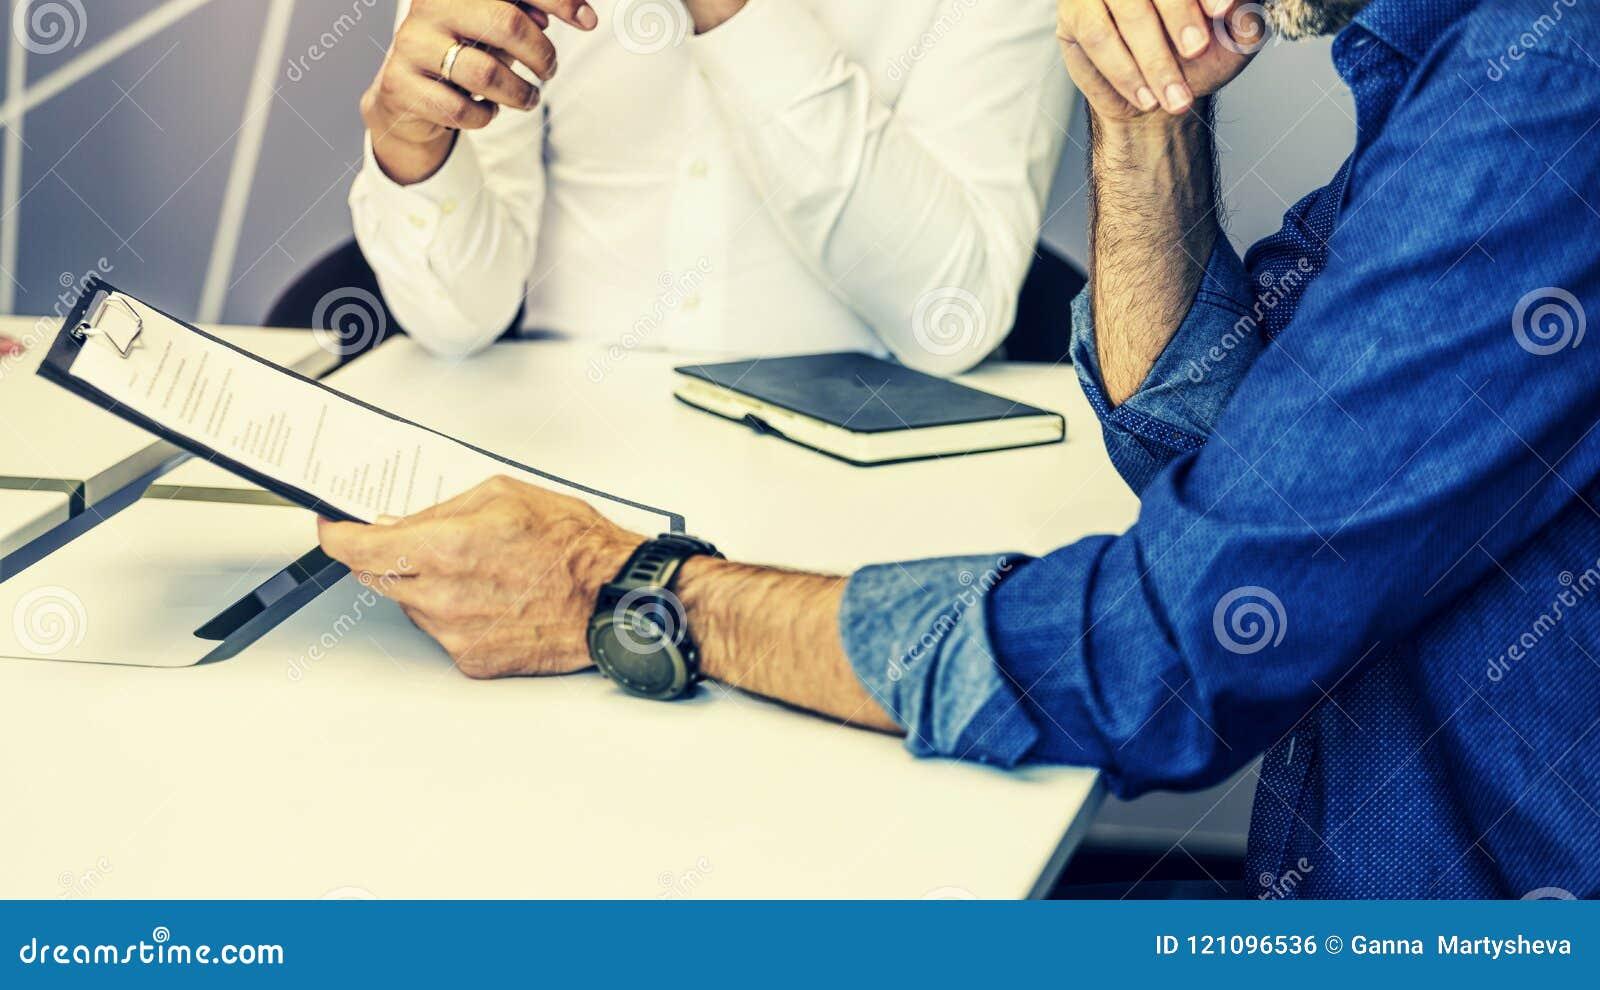 Επιχείρηση, συνεδρίαση, άνθρωποι, γραφείο, επιχειρηματίας, ωρ., γραφείο, εργασία, έννοια της ομαδικής εργασίας